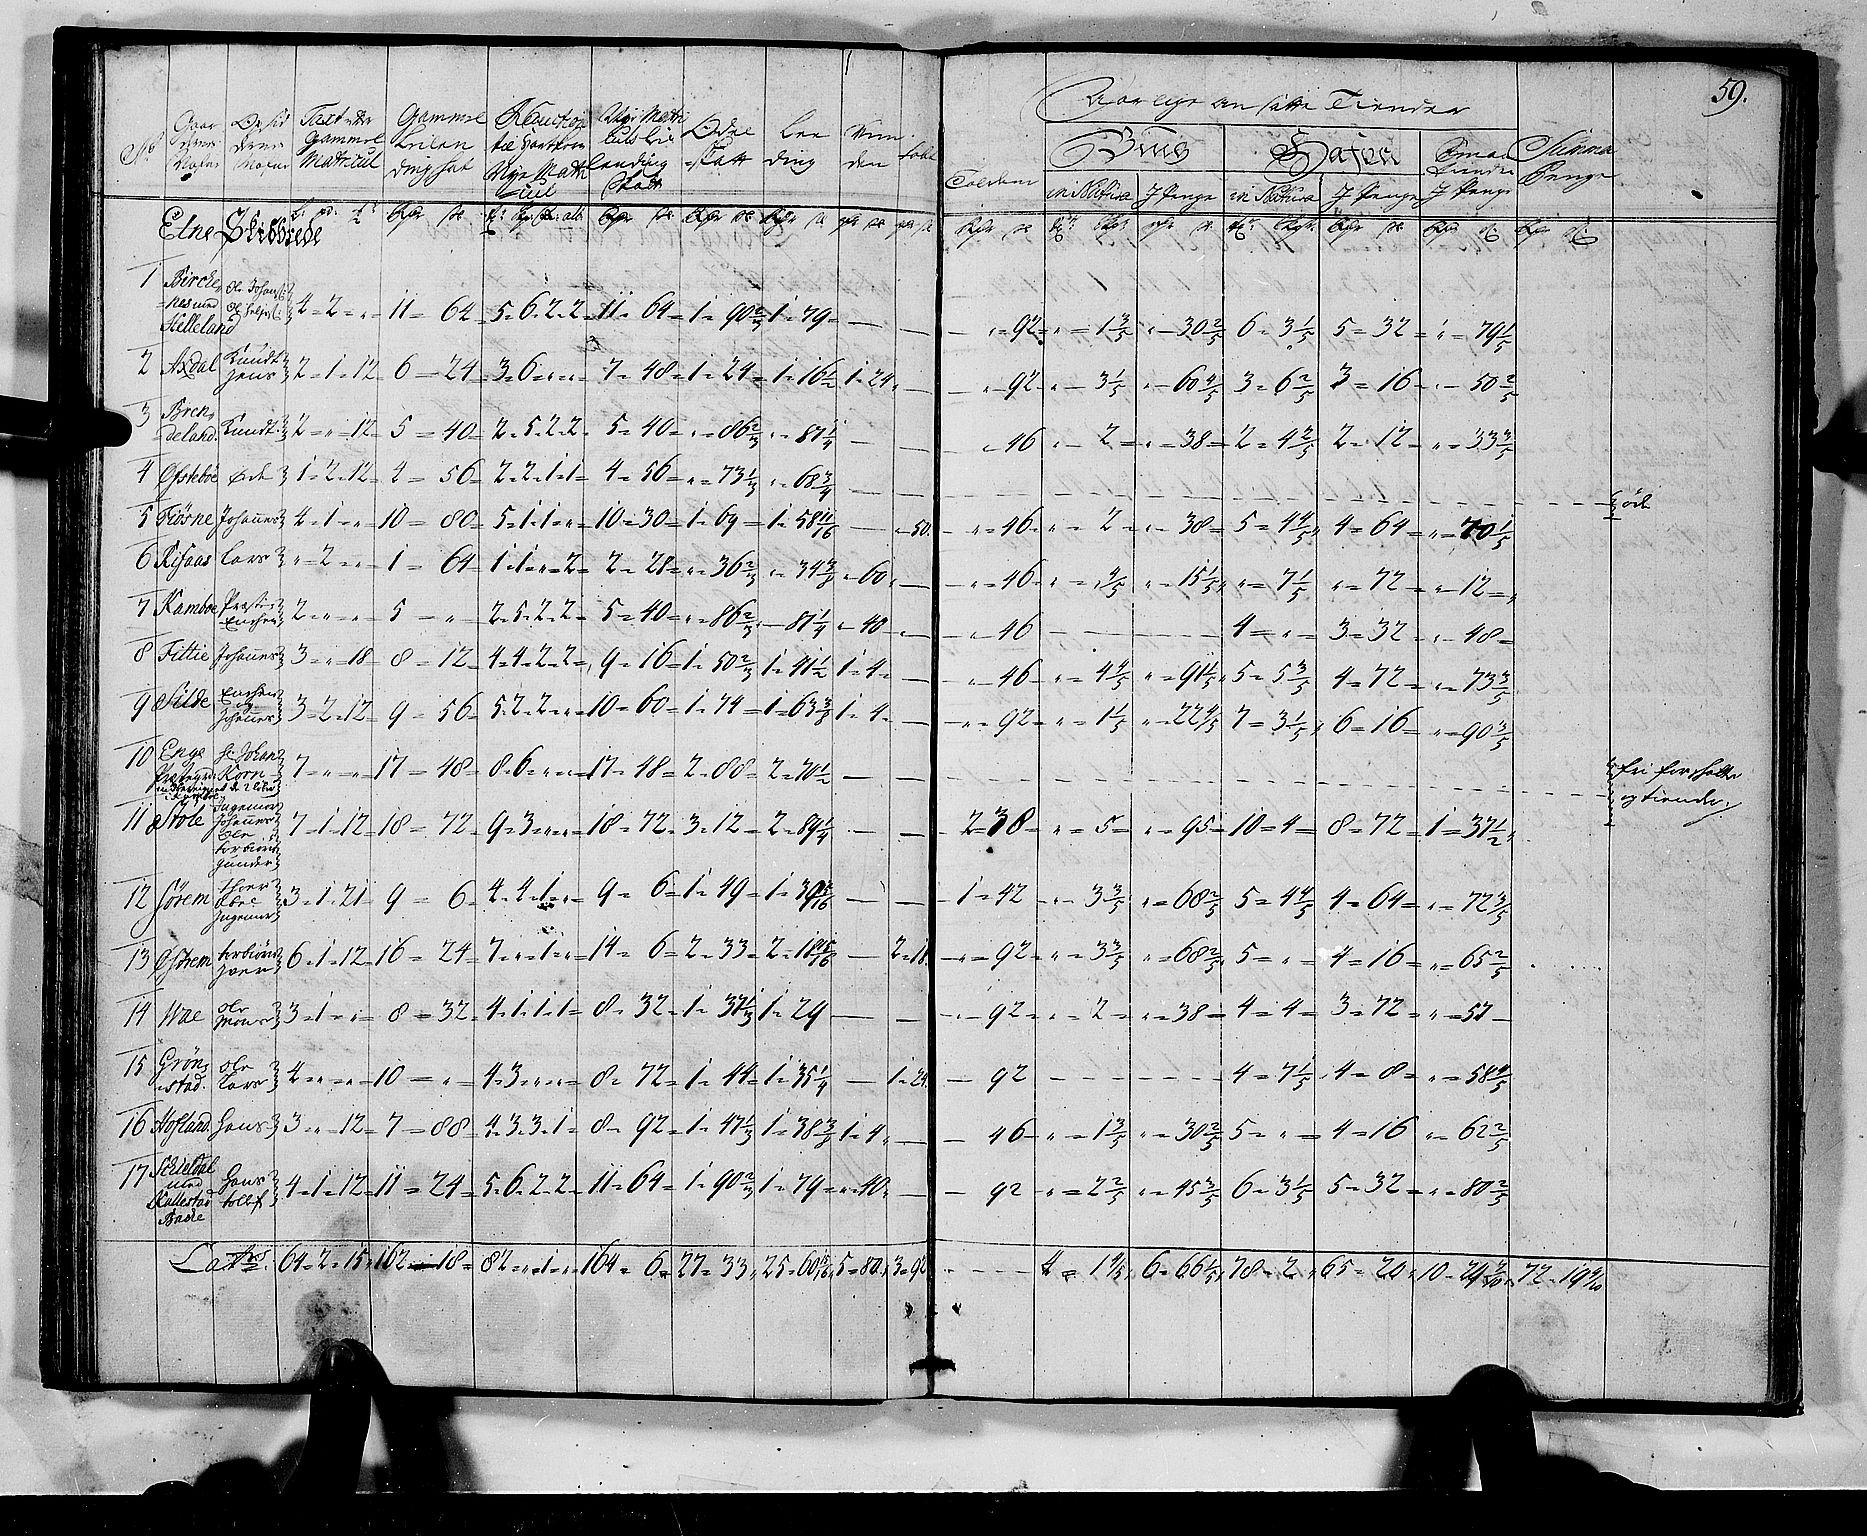 RA, Rentekammeret inntil 1814, Realistisk ordnet avdeling, N/Nb/Nbf/L0135: Sunnhordland matrikkelprotokoll, 1723, s. 58b-59a